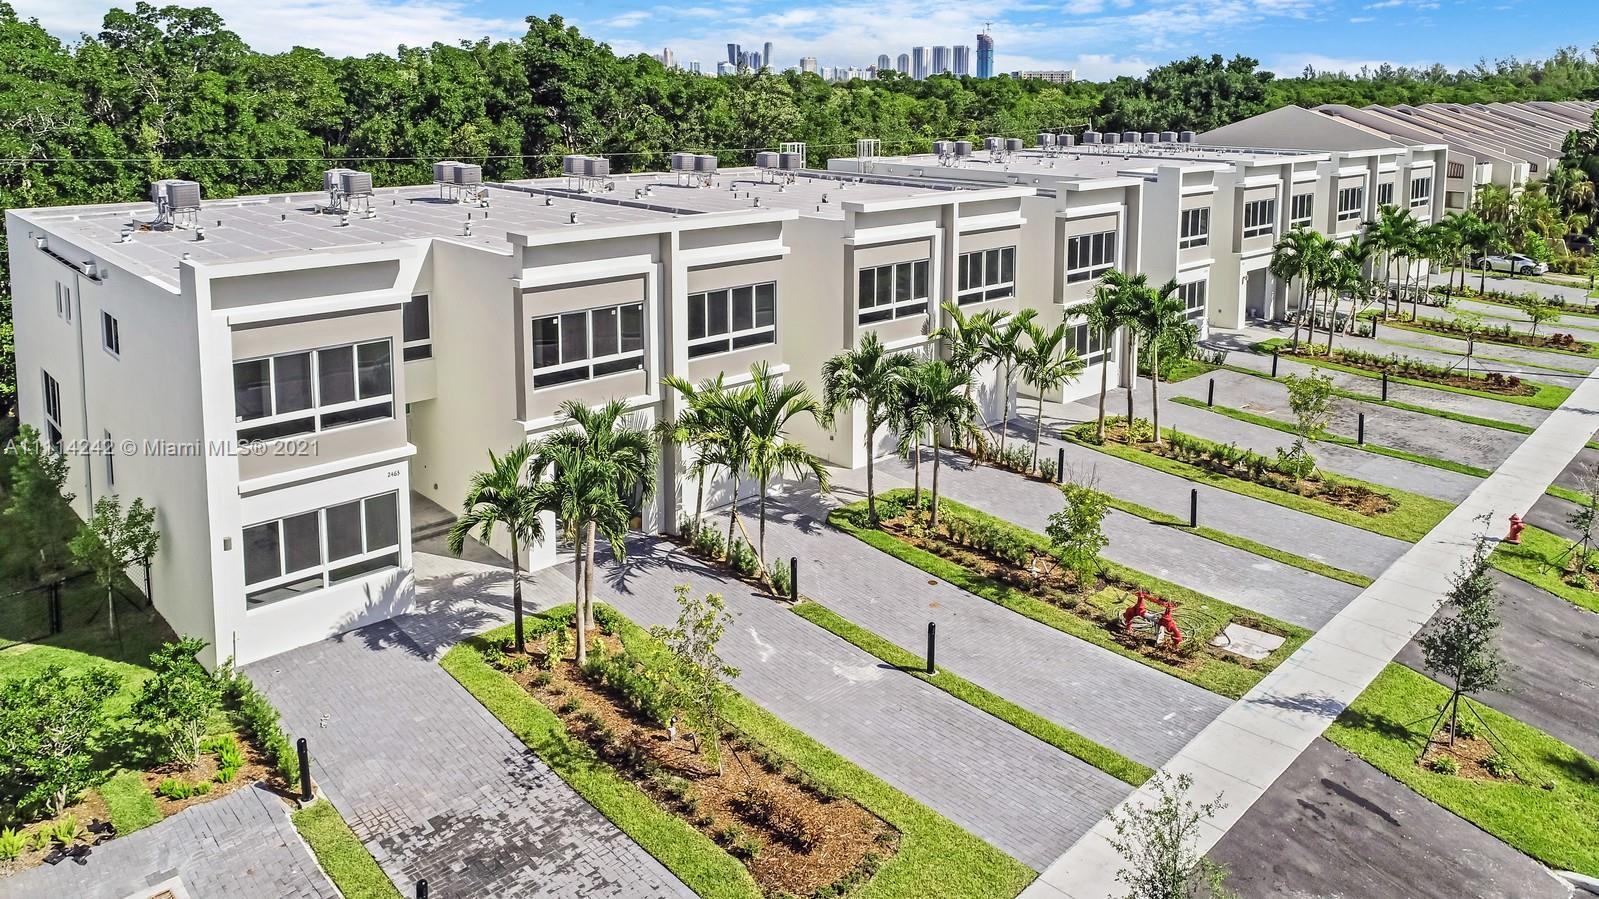 Parcview Villas Condo,For Sale,Parcview Villas Brickell,realty,broker,condos near me